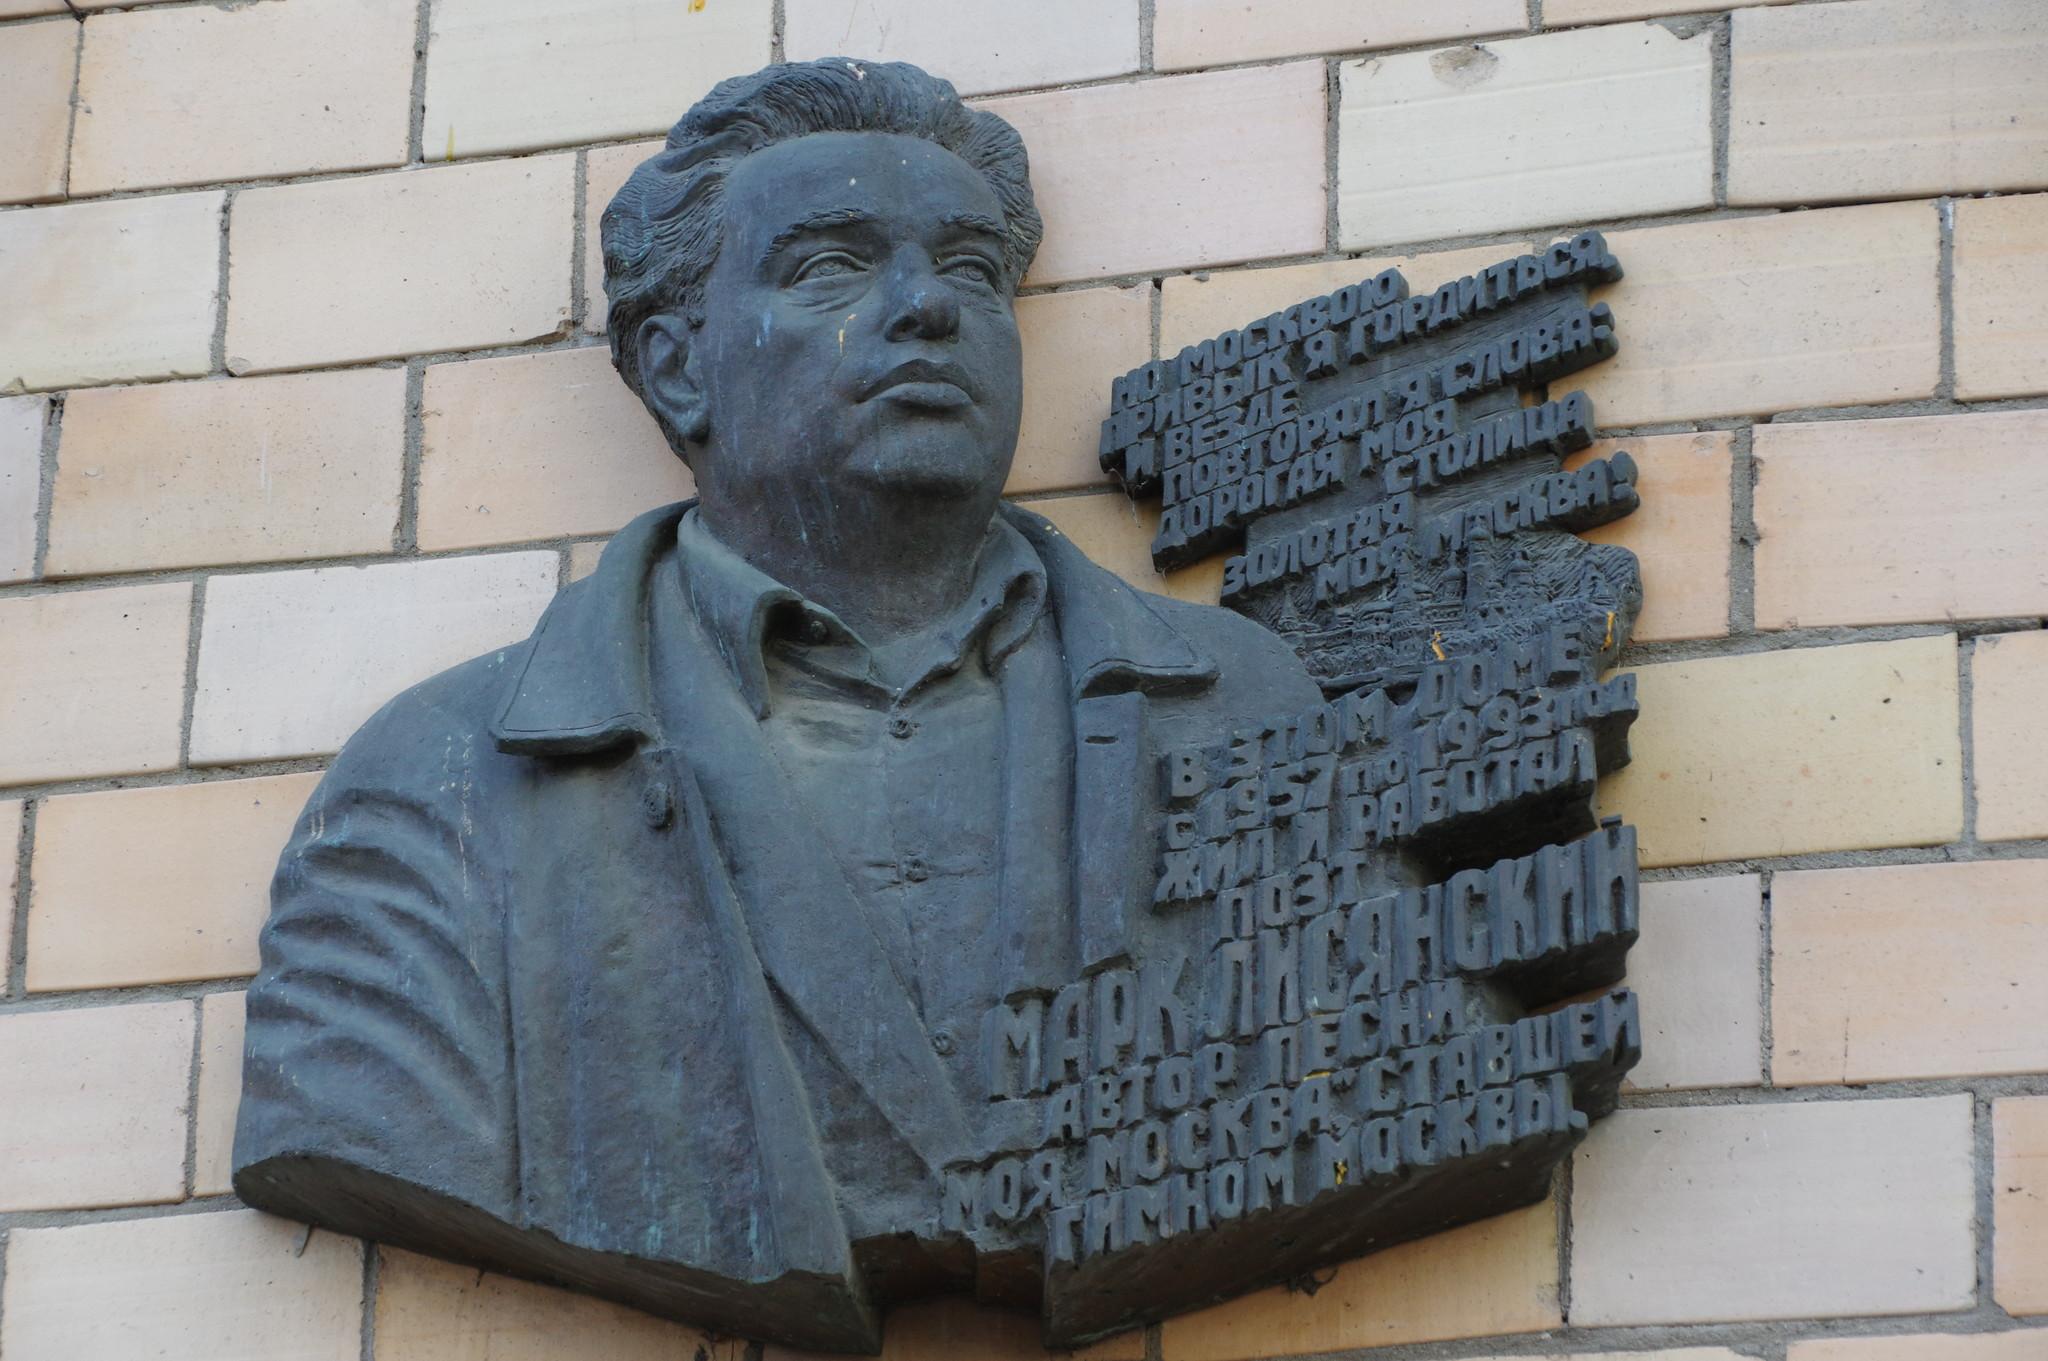 Мемориальная доска на доме, где жил Лисянский М.С. - Москва, ул. Черняховского, дом 4